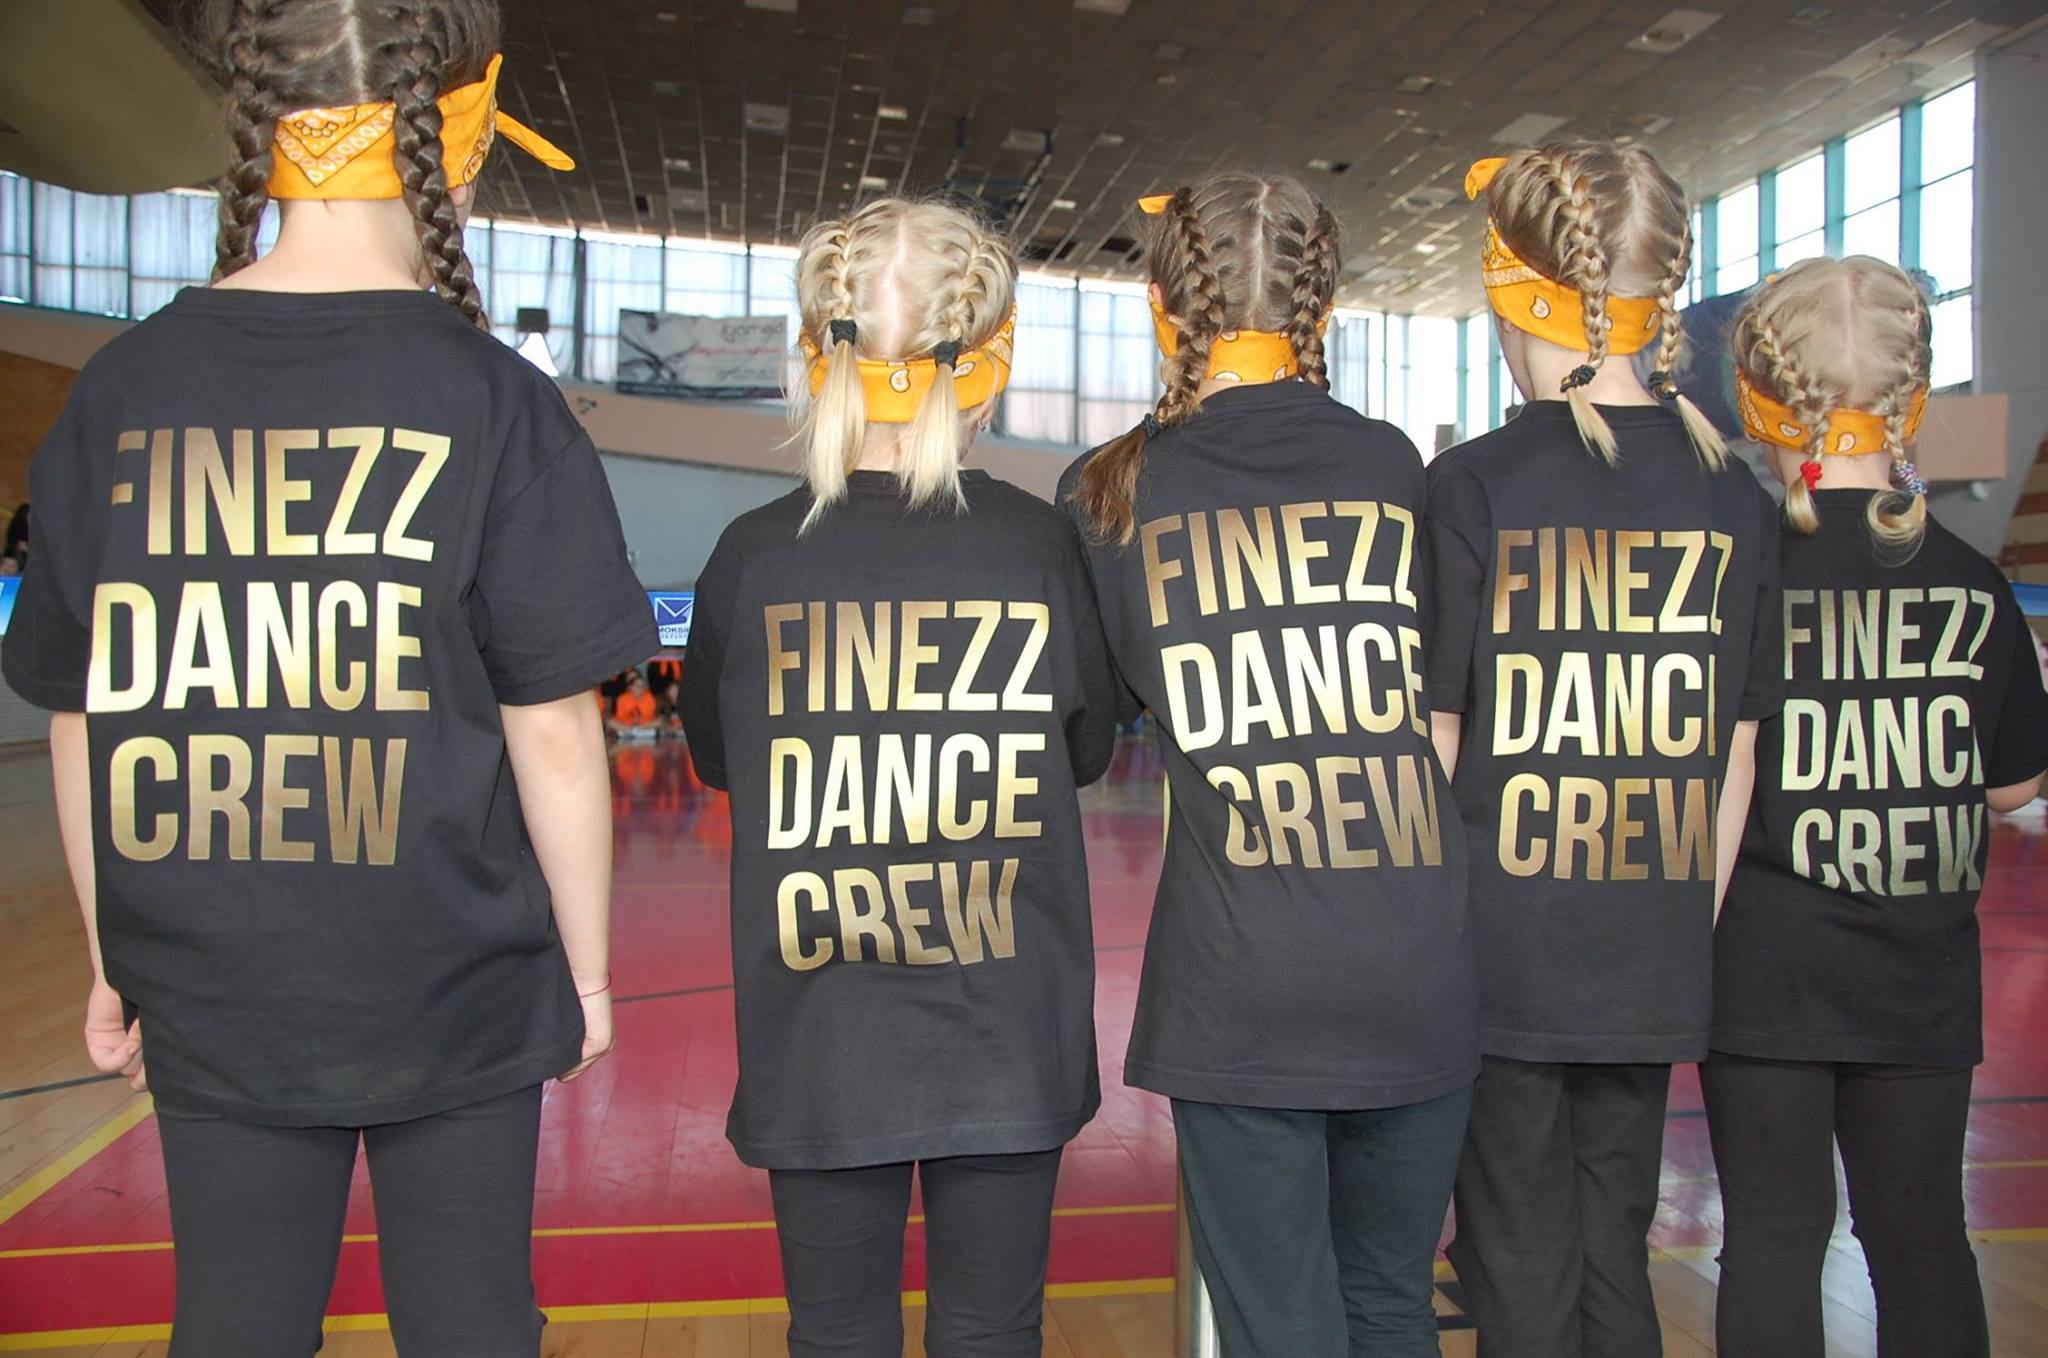 Zespół Finezz Dance Crew